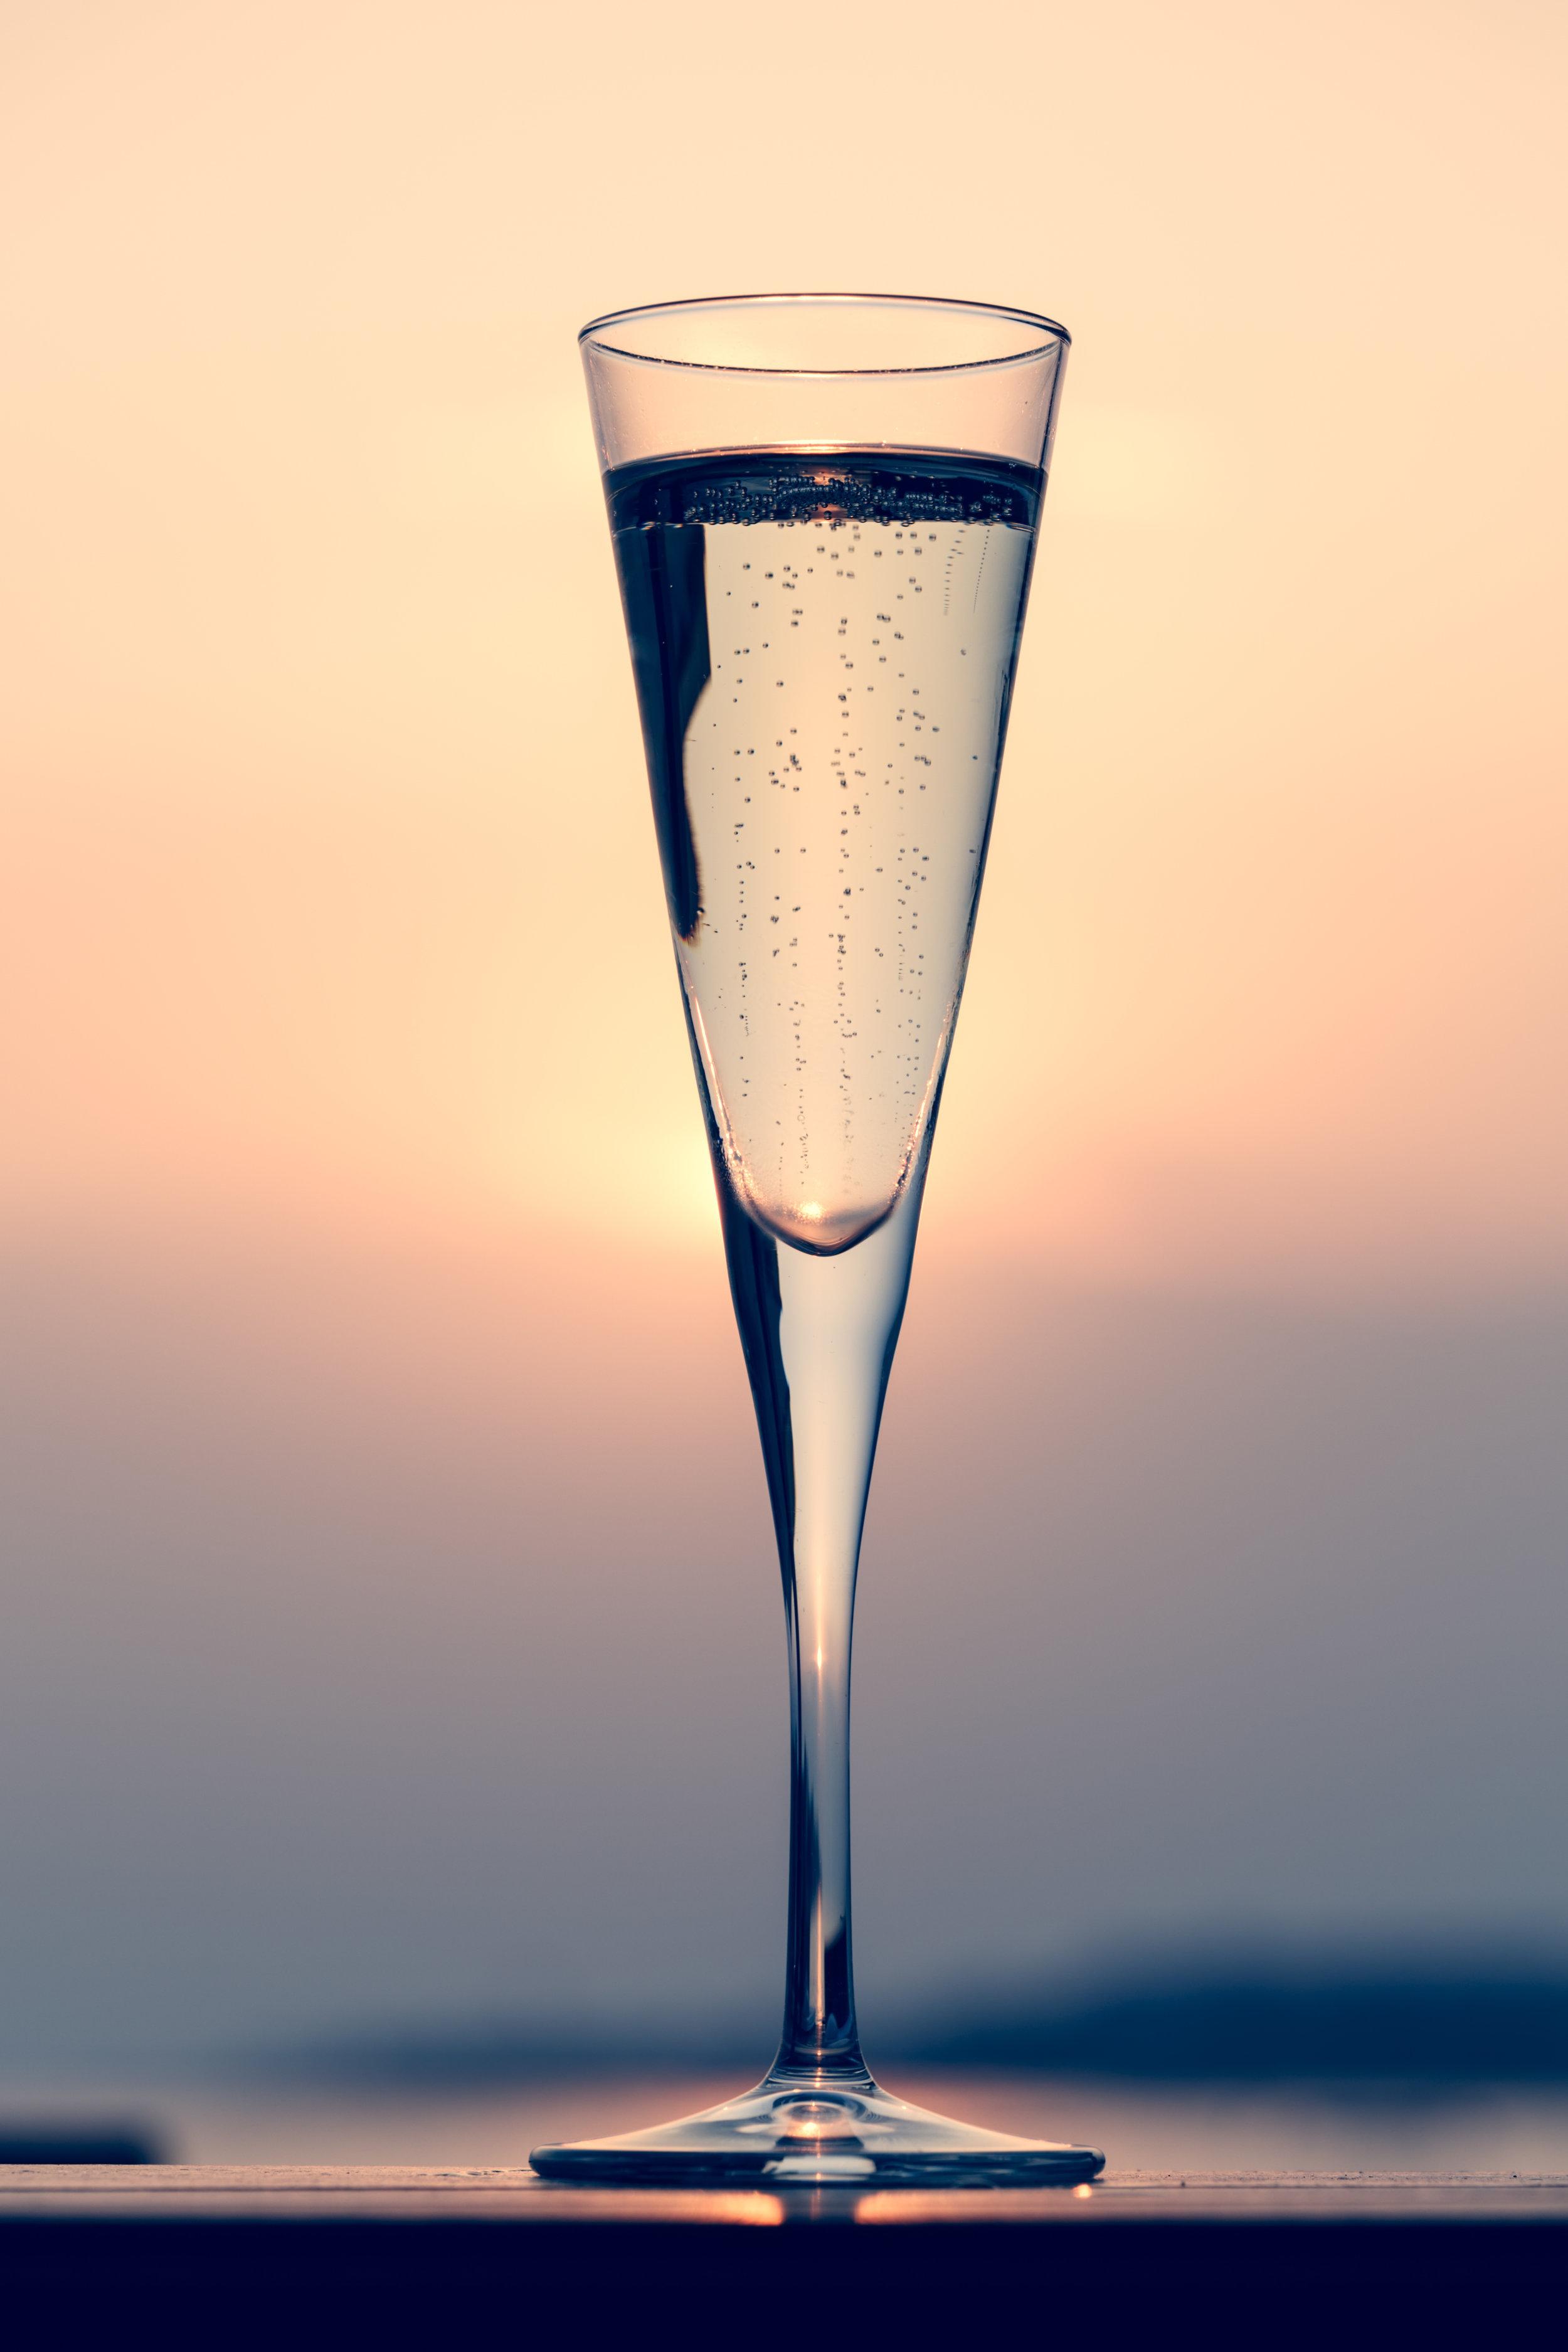 St. Louis Bellini - 1 oz. ginger vodka, 1/2 oz. of elderflower liquor, 1 oz. Sauvignon Blanc dry champagne.